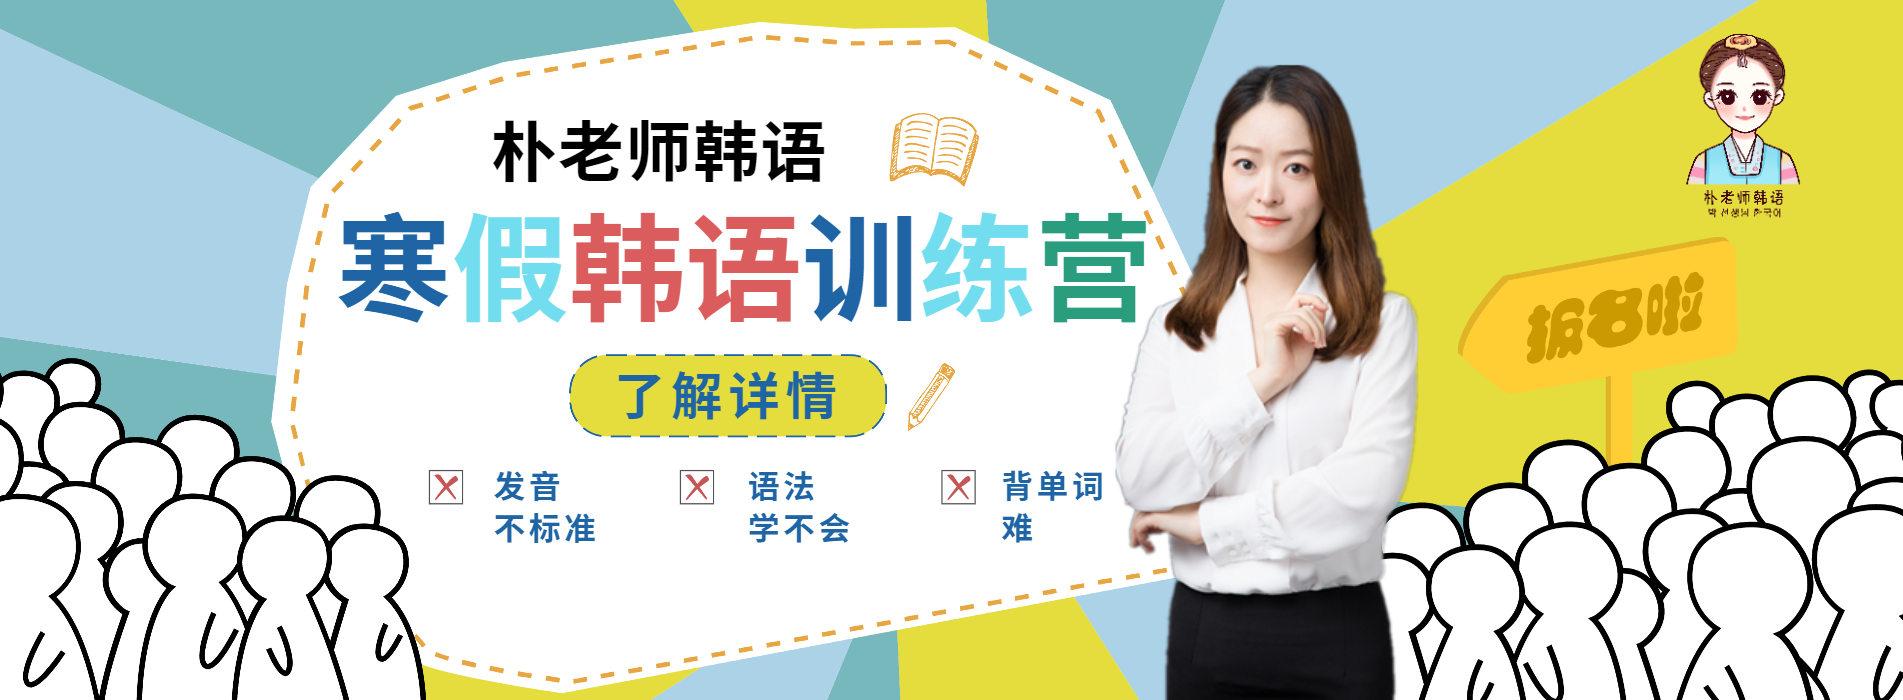 佛山朴老师韩语寒假学习培训班